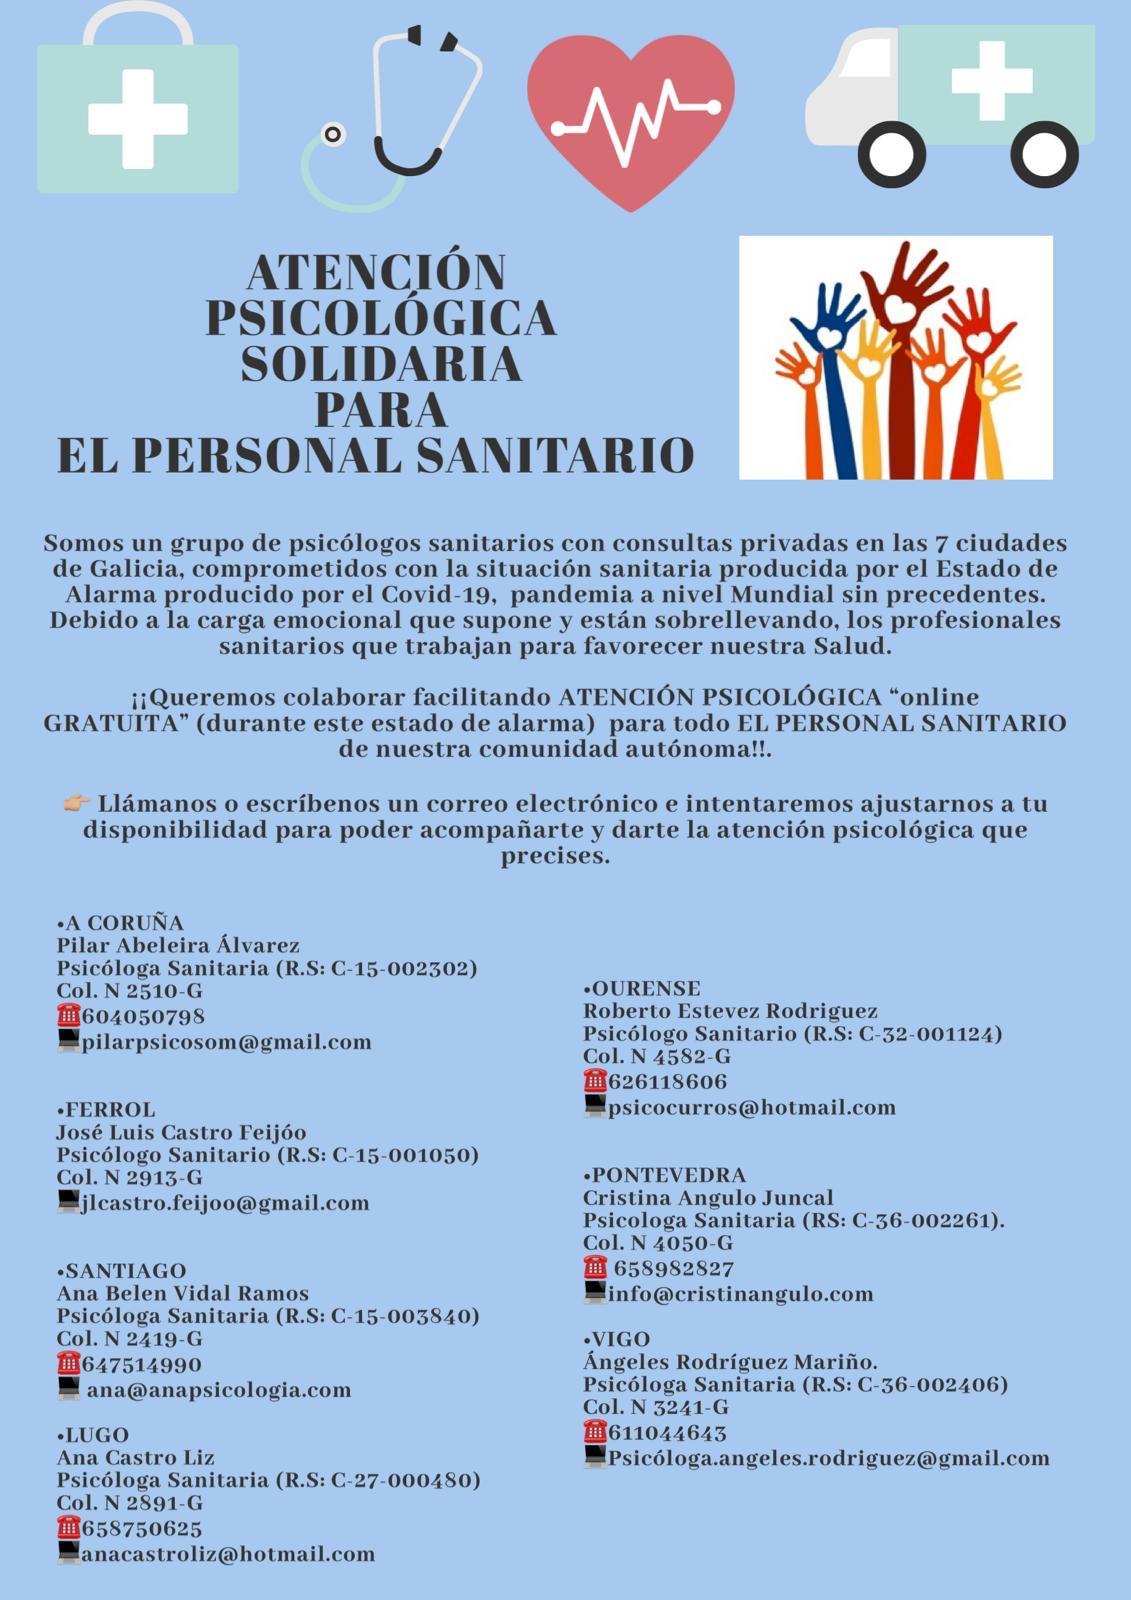 Asistencia psicológica gratuita para sanitarios en Galicicia